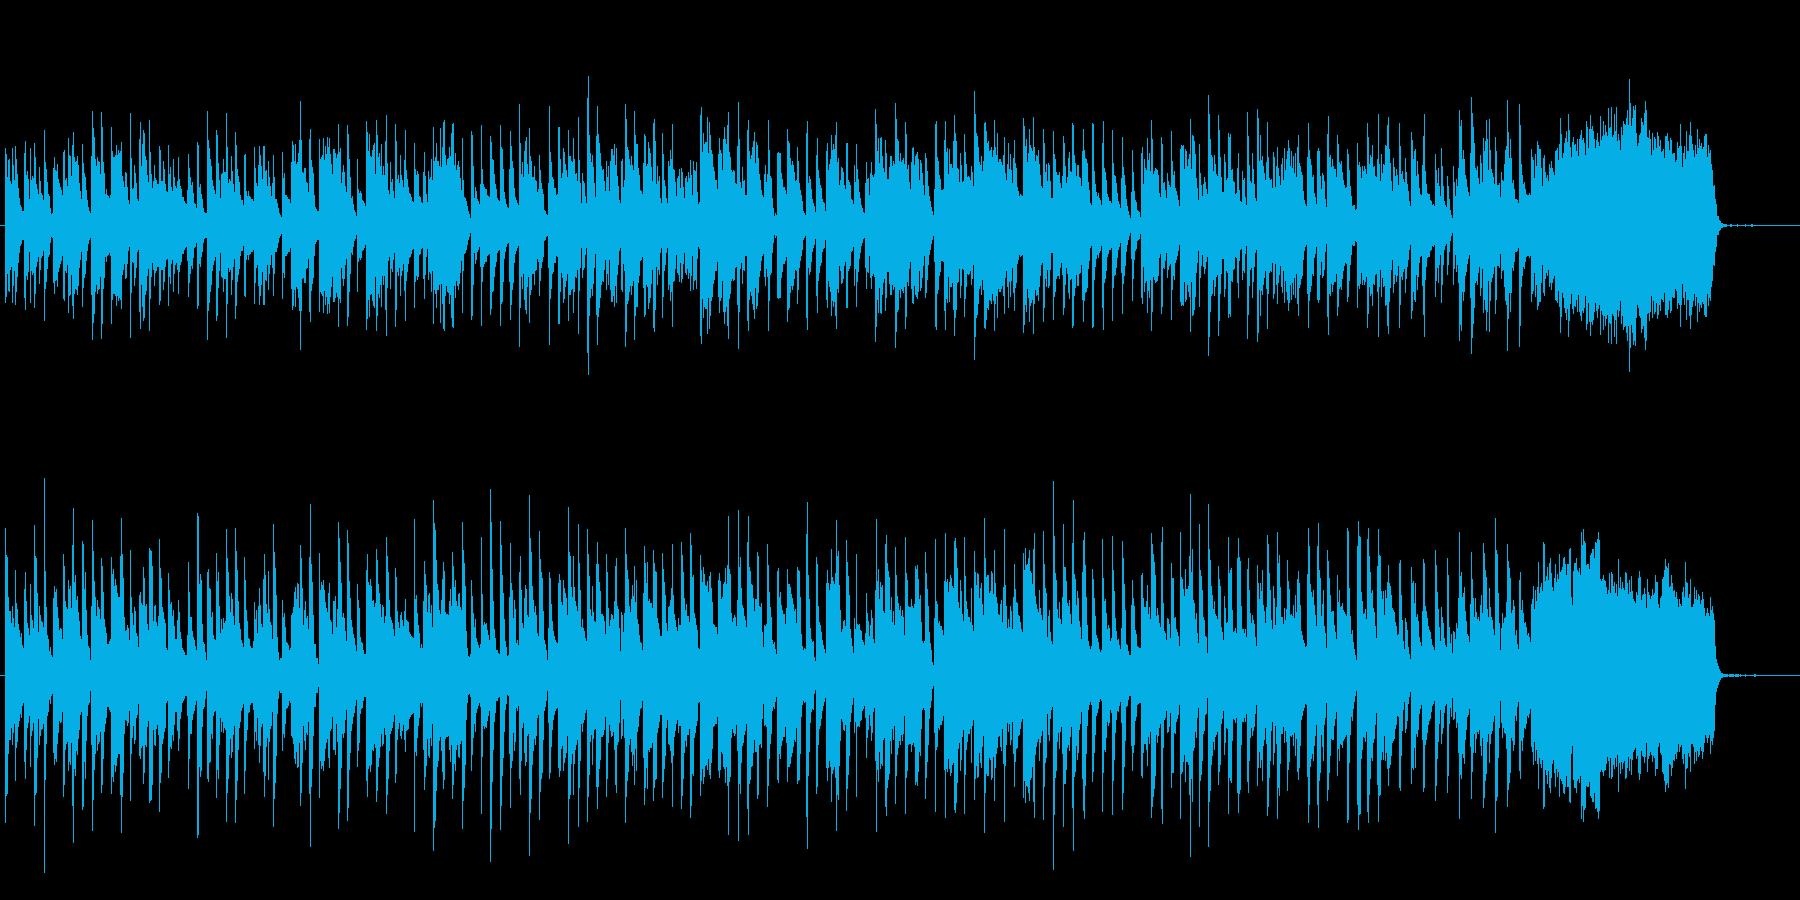 バッハ チェンバロ協奏曲 アリオーソ の再生済みの波形